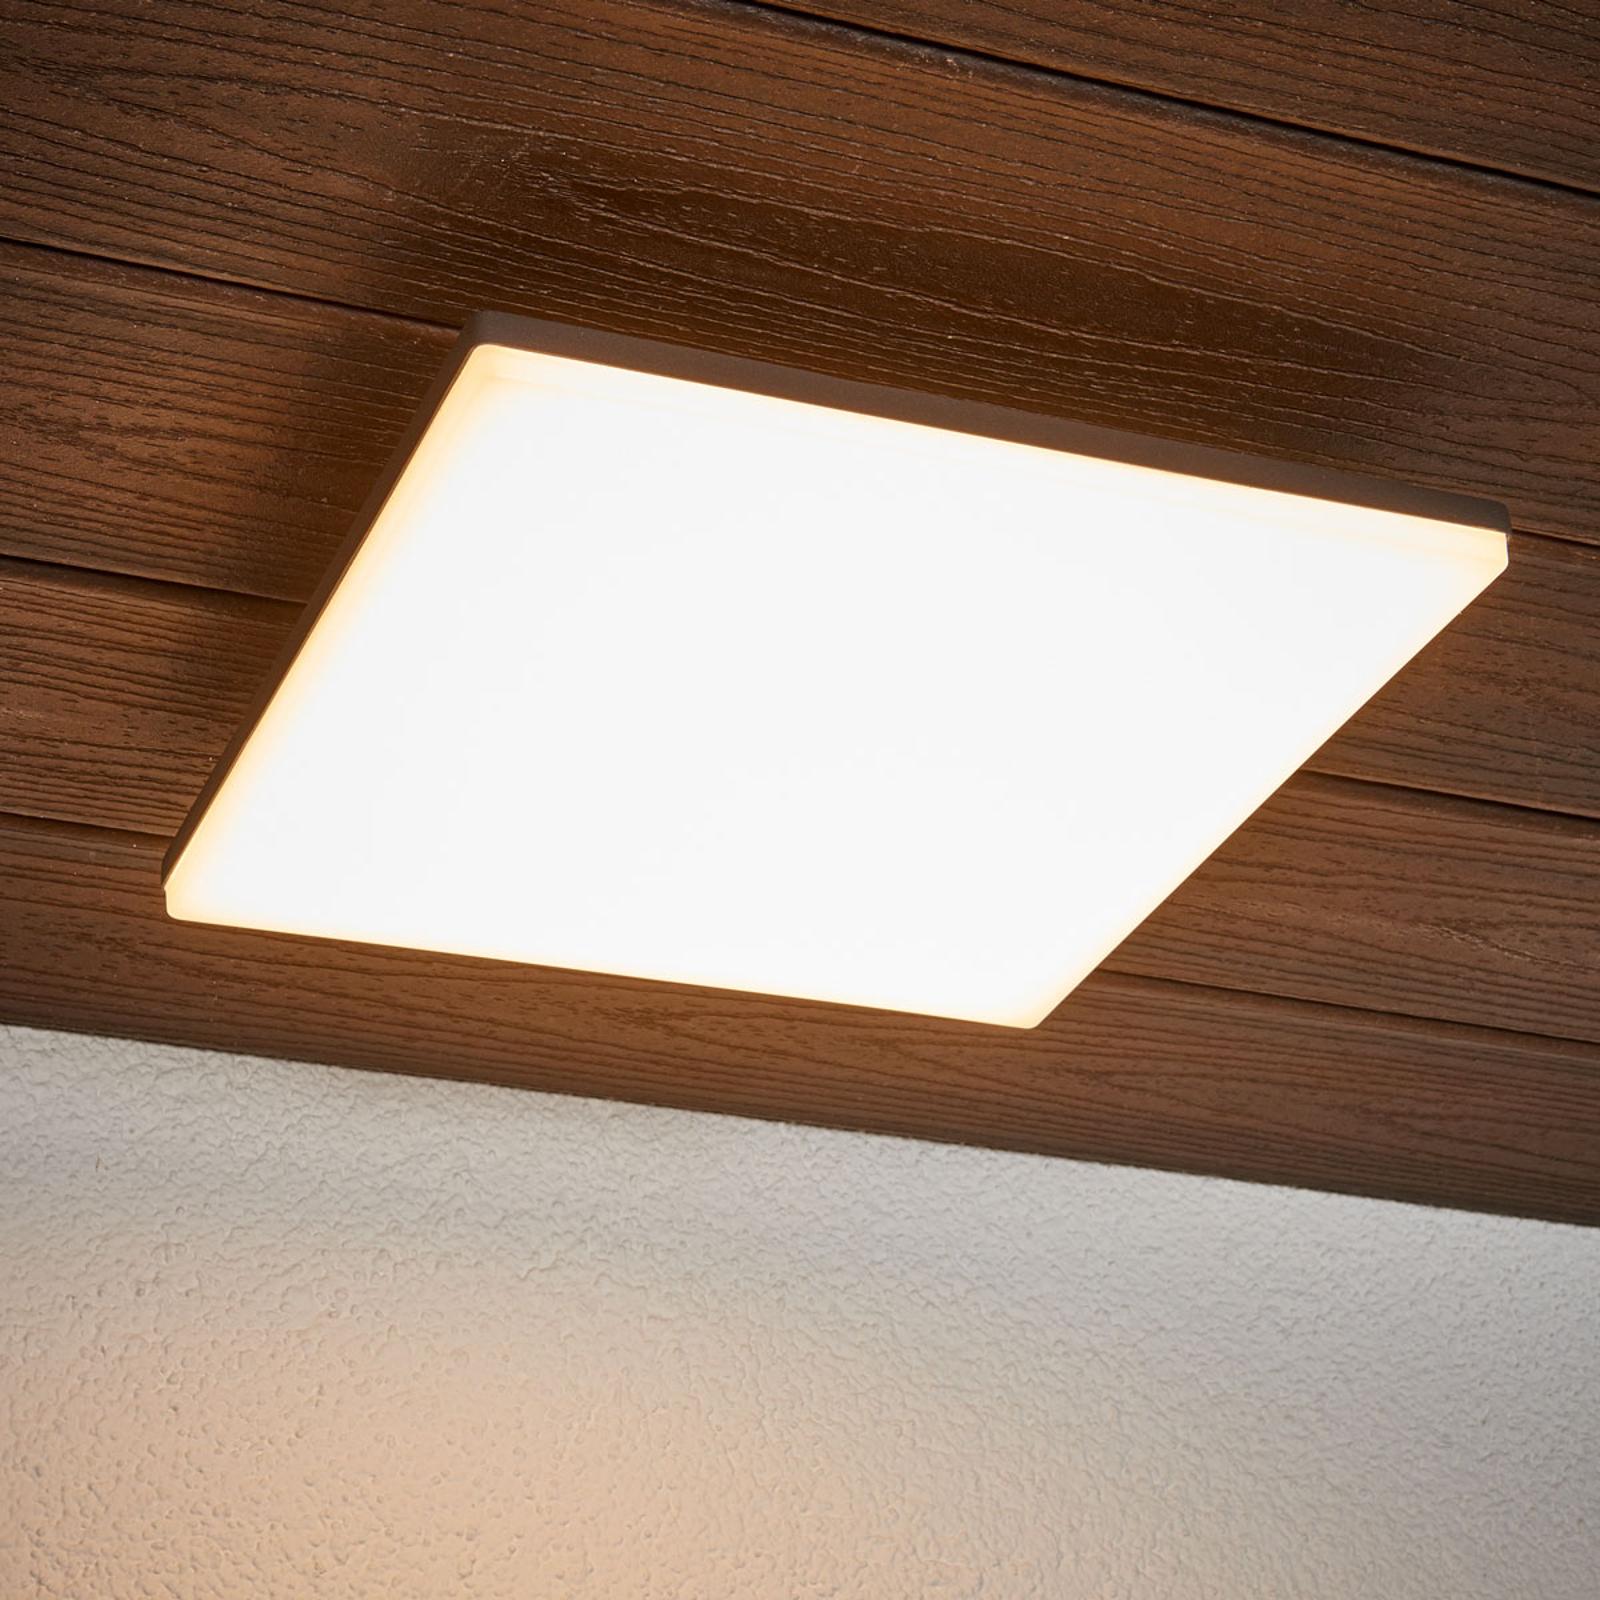 Sensorstyret loftslampe Henni, LED'er, udendørs